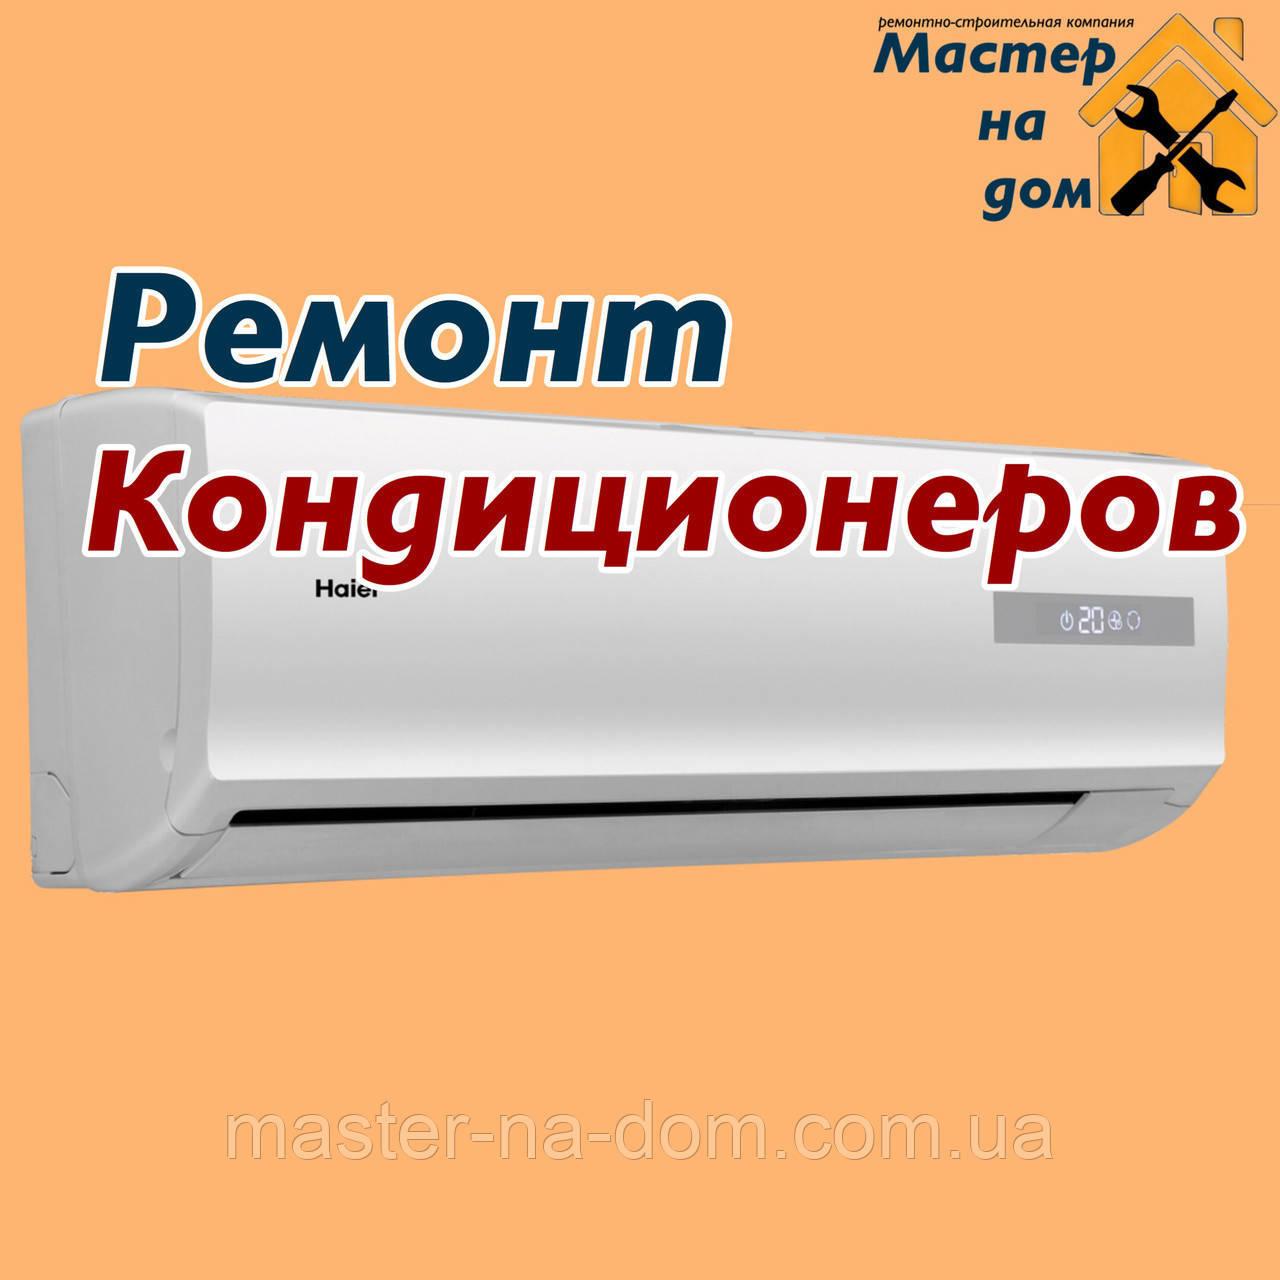 Ремонт кондиционеров в Хмельницком